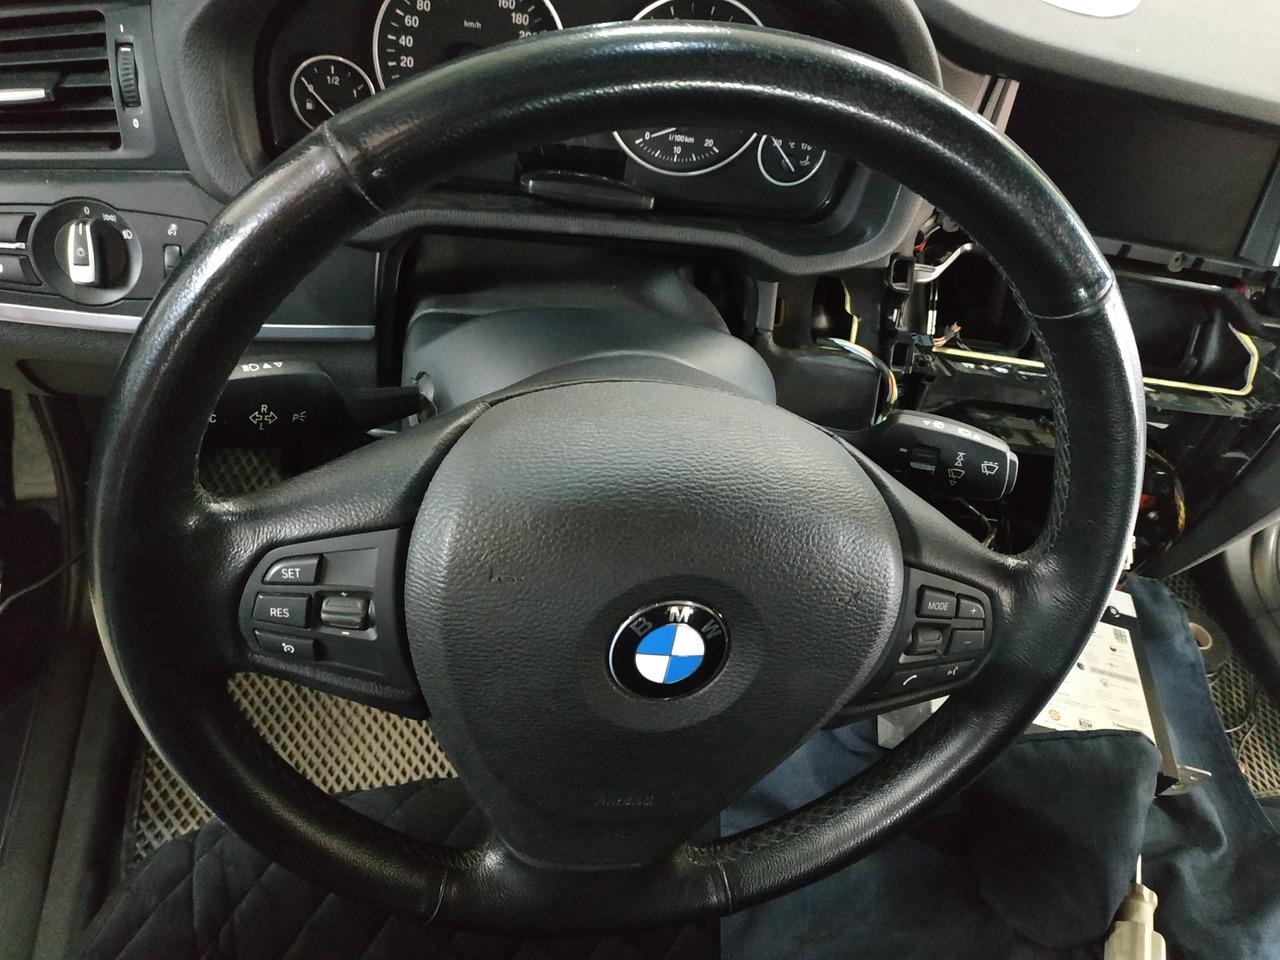 кнопки громкости и громкой связи на руле справа